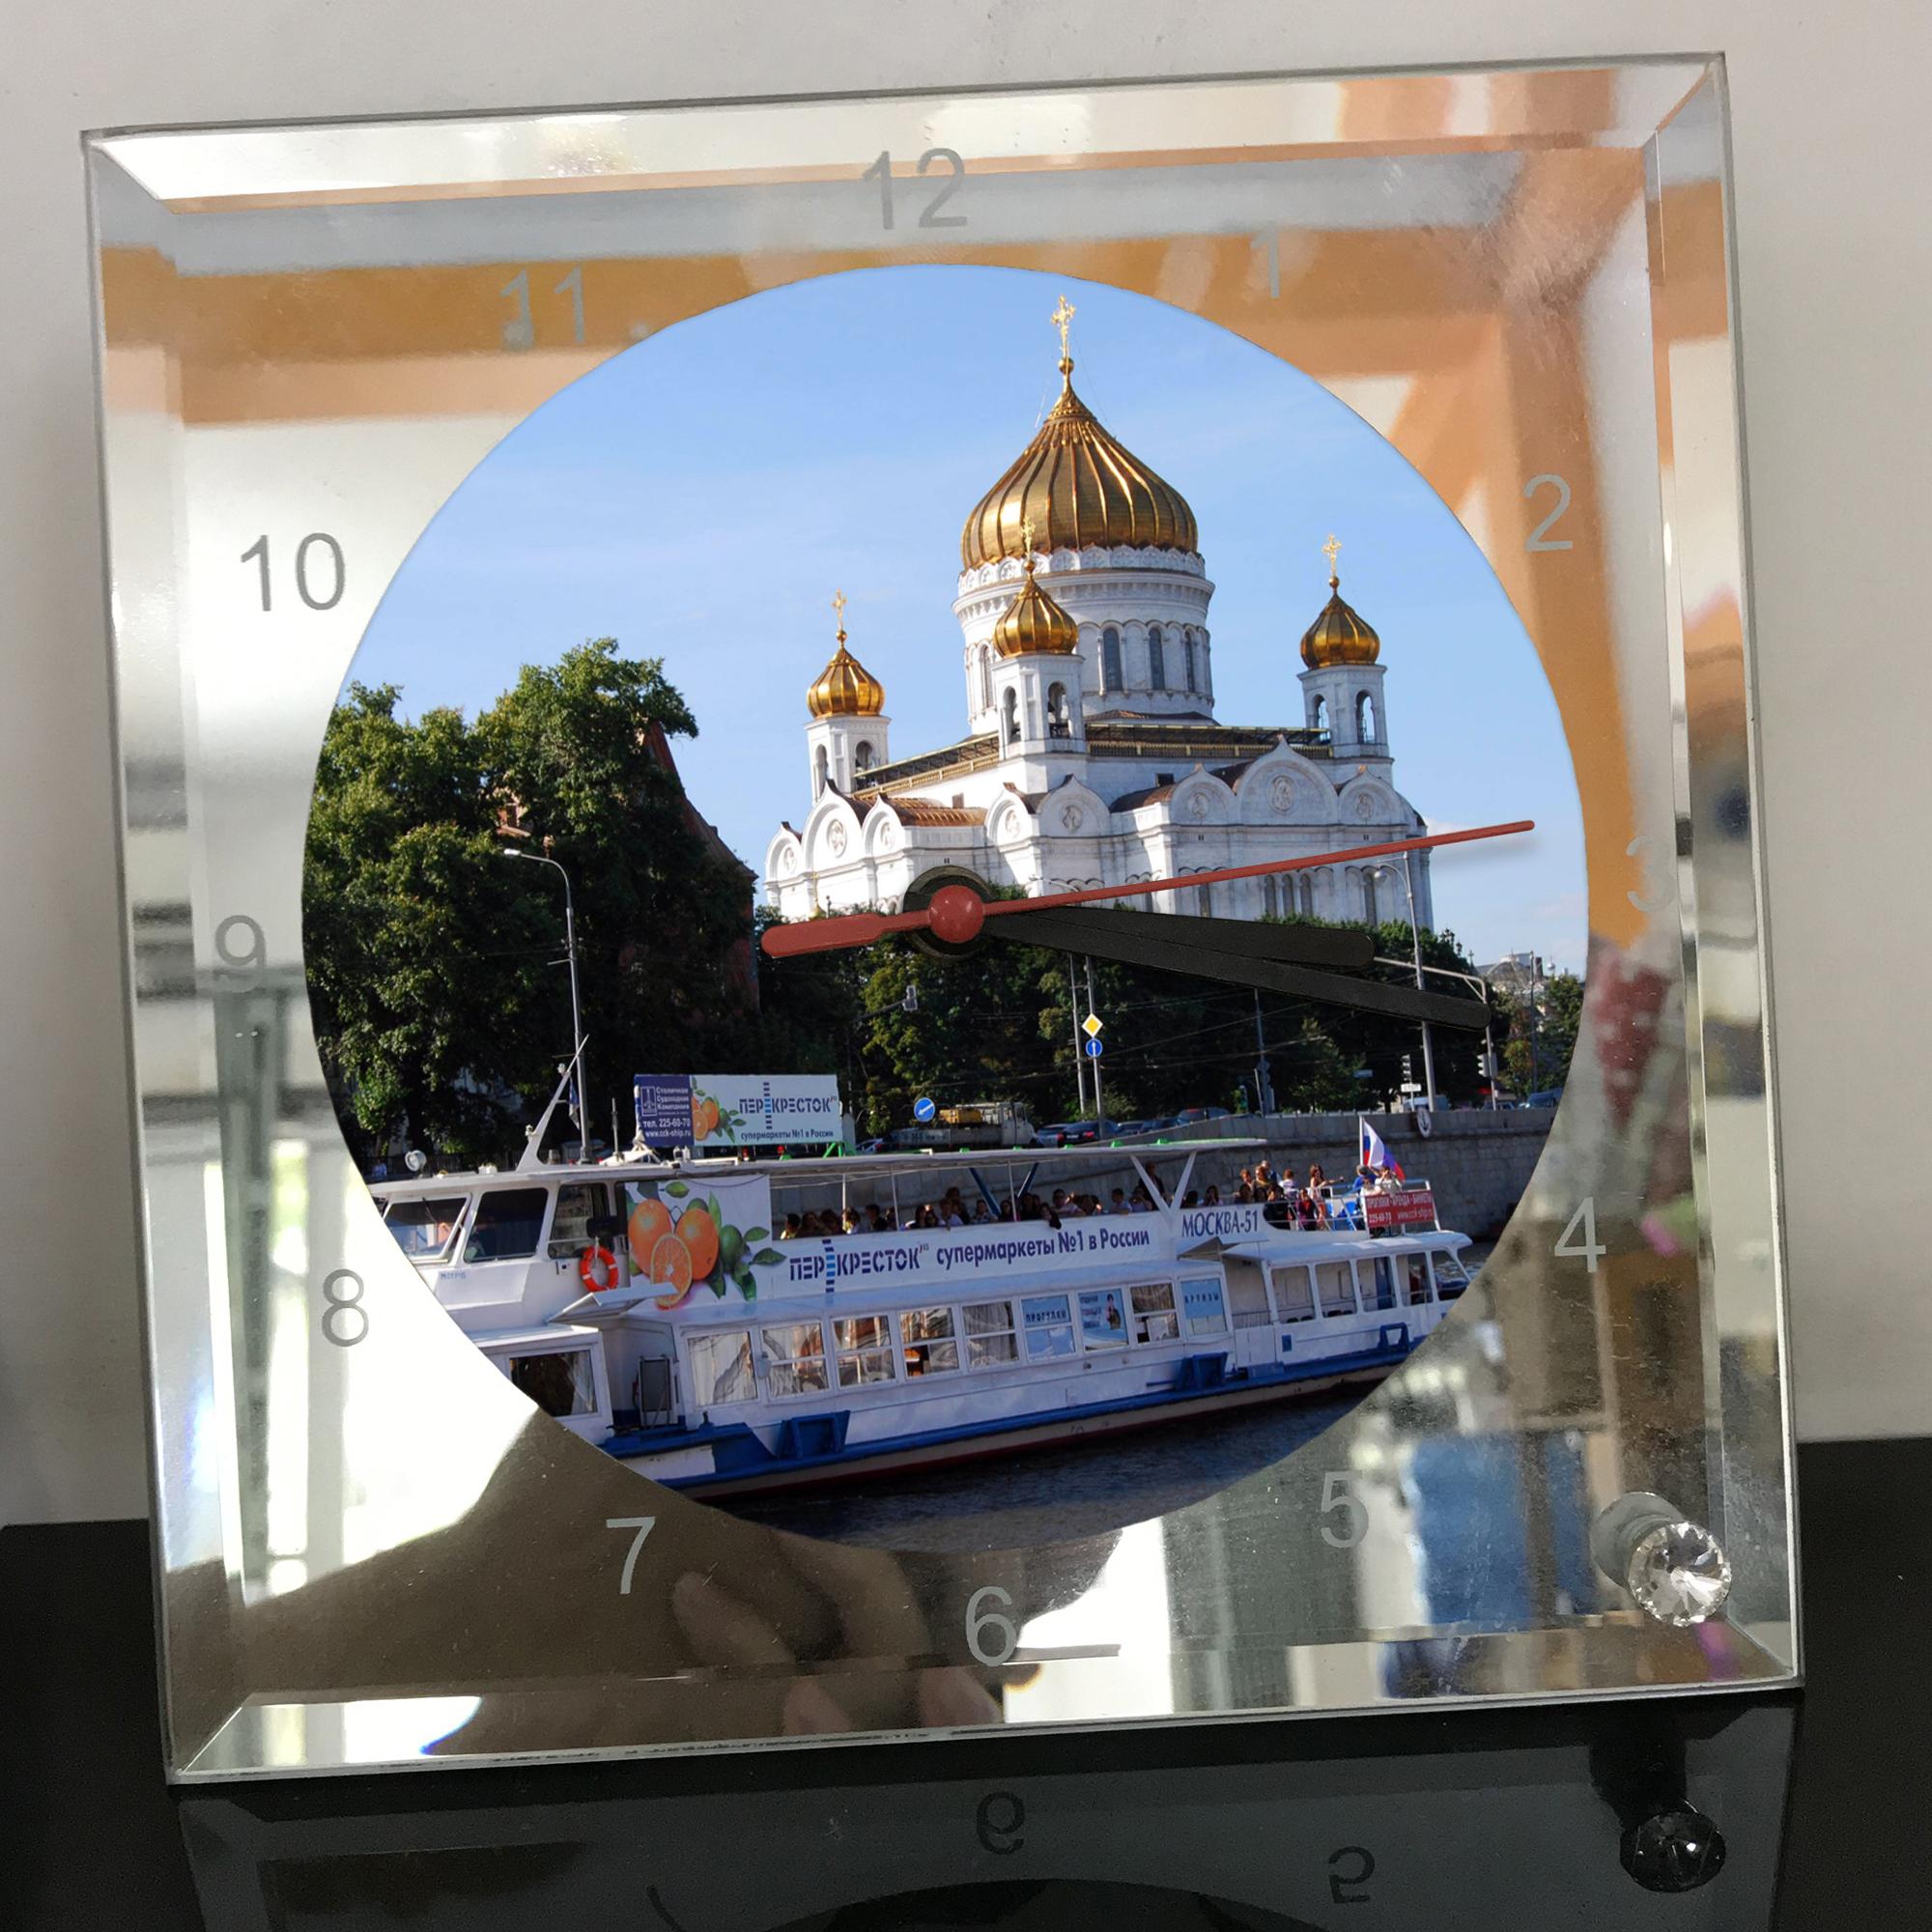 Đồng hồ thủy tinh vuông 20x20 in hình Cathedral Of Christ the saviour (2) . Đồng hồ thủy tinh để bàn trang trí đẹp chủ đề tôn giáo